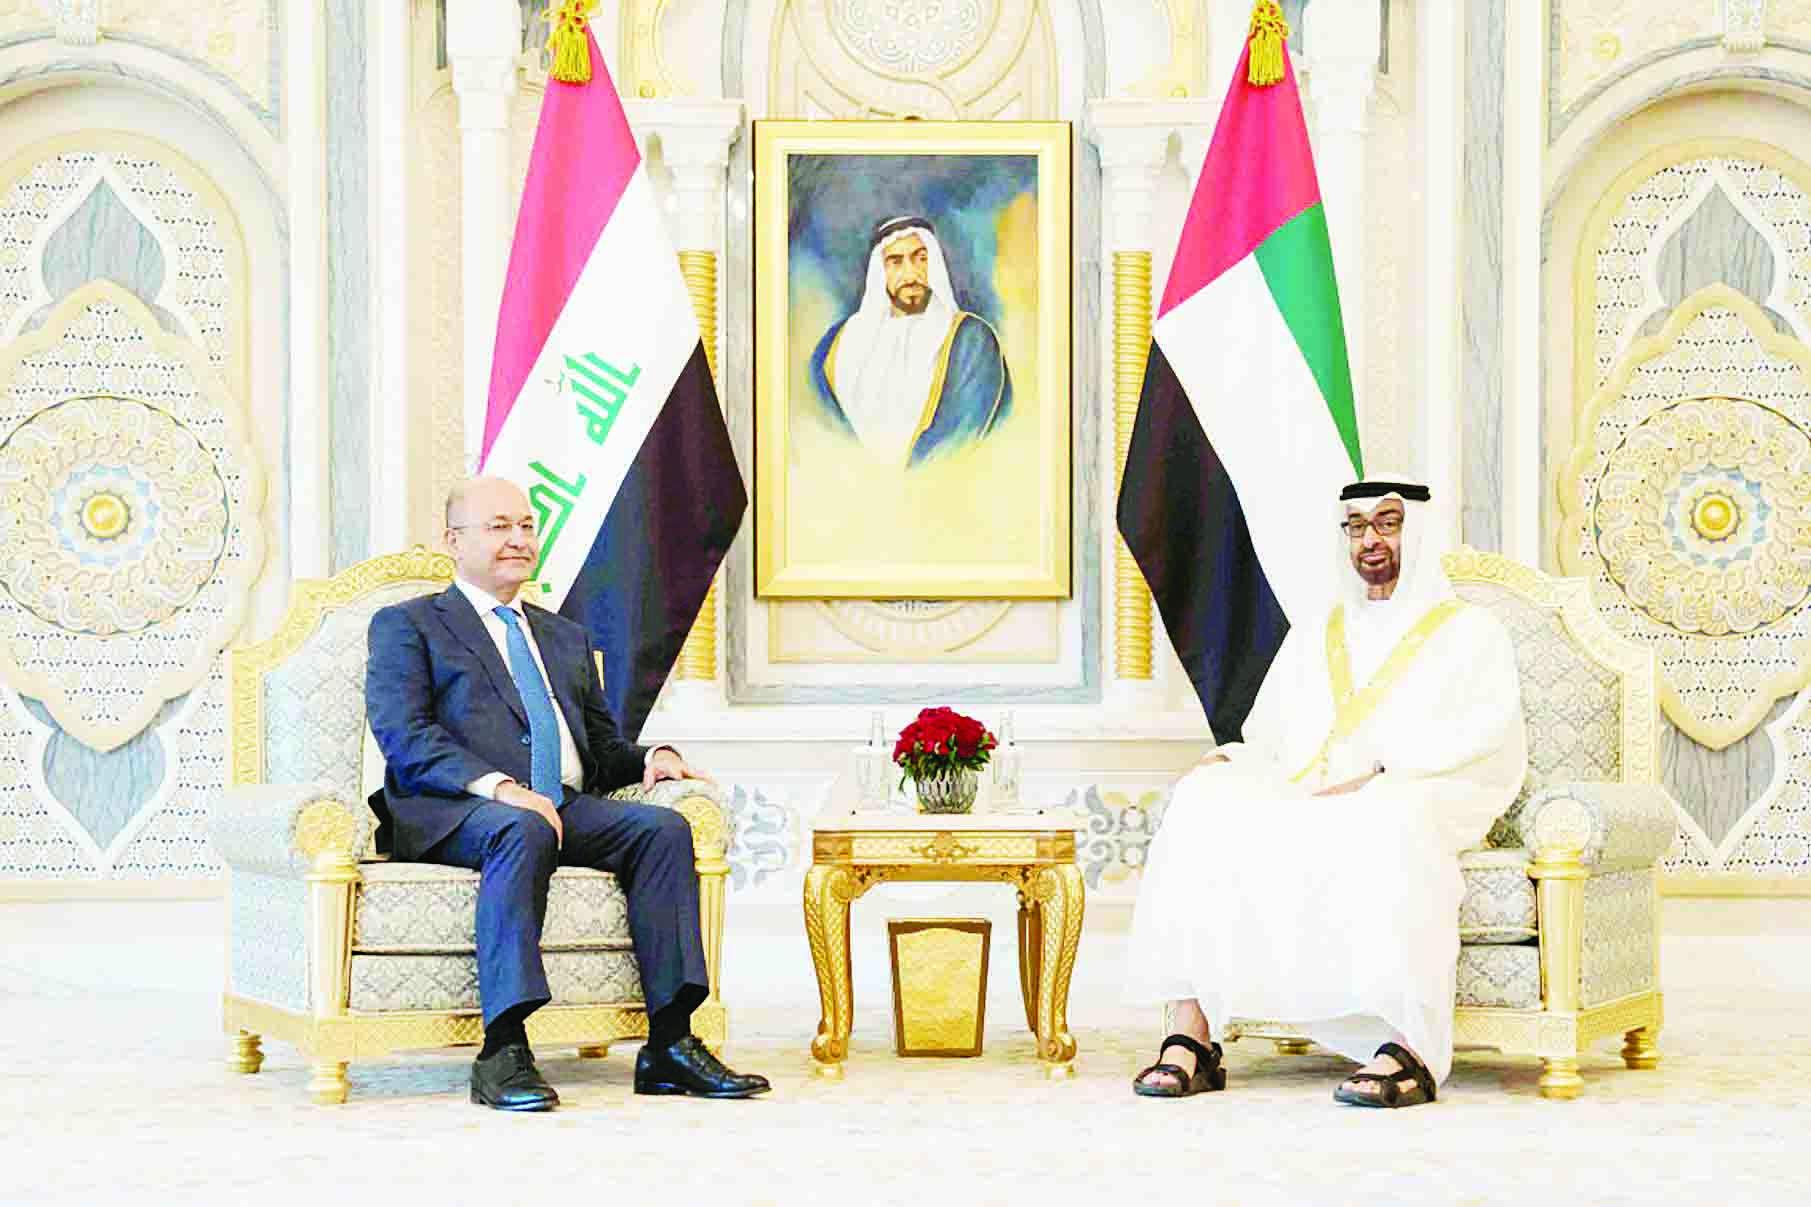 الرئيس العراقي يتبادل التهاني مع ولي عهد أبوظبي بمناسبة حلول عيد الفطر المبارك